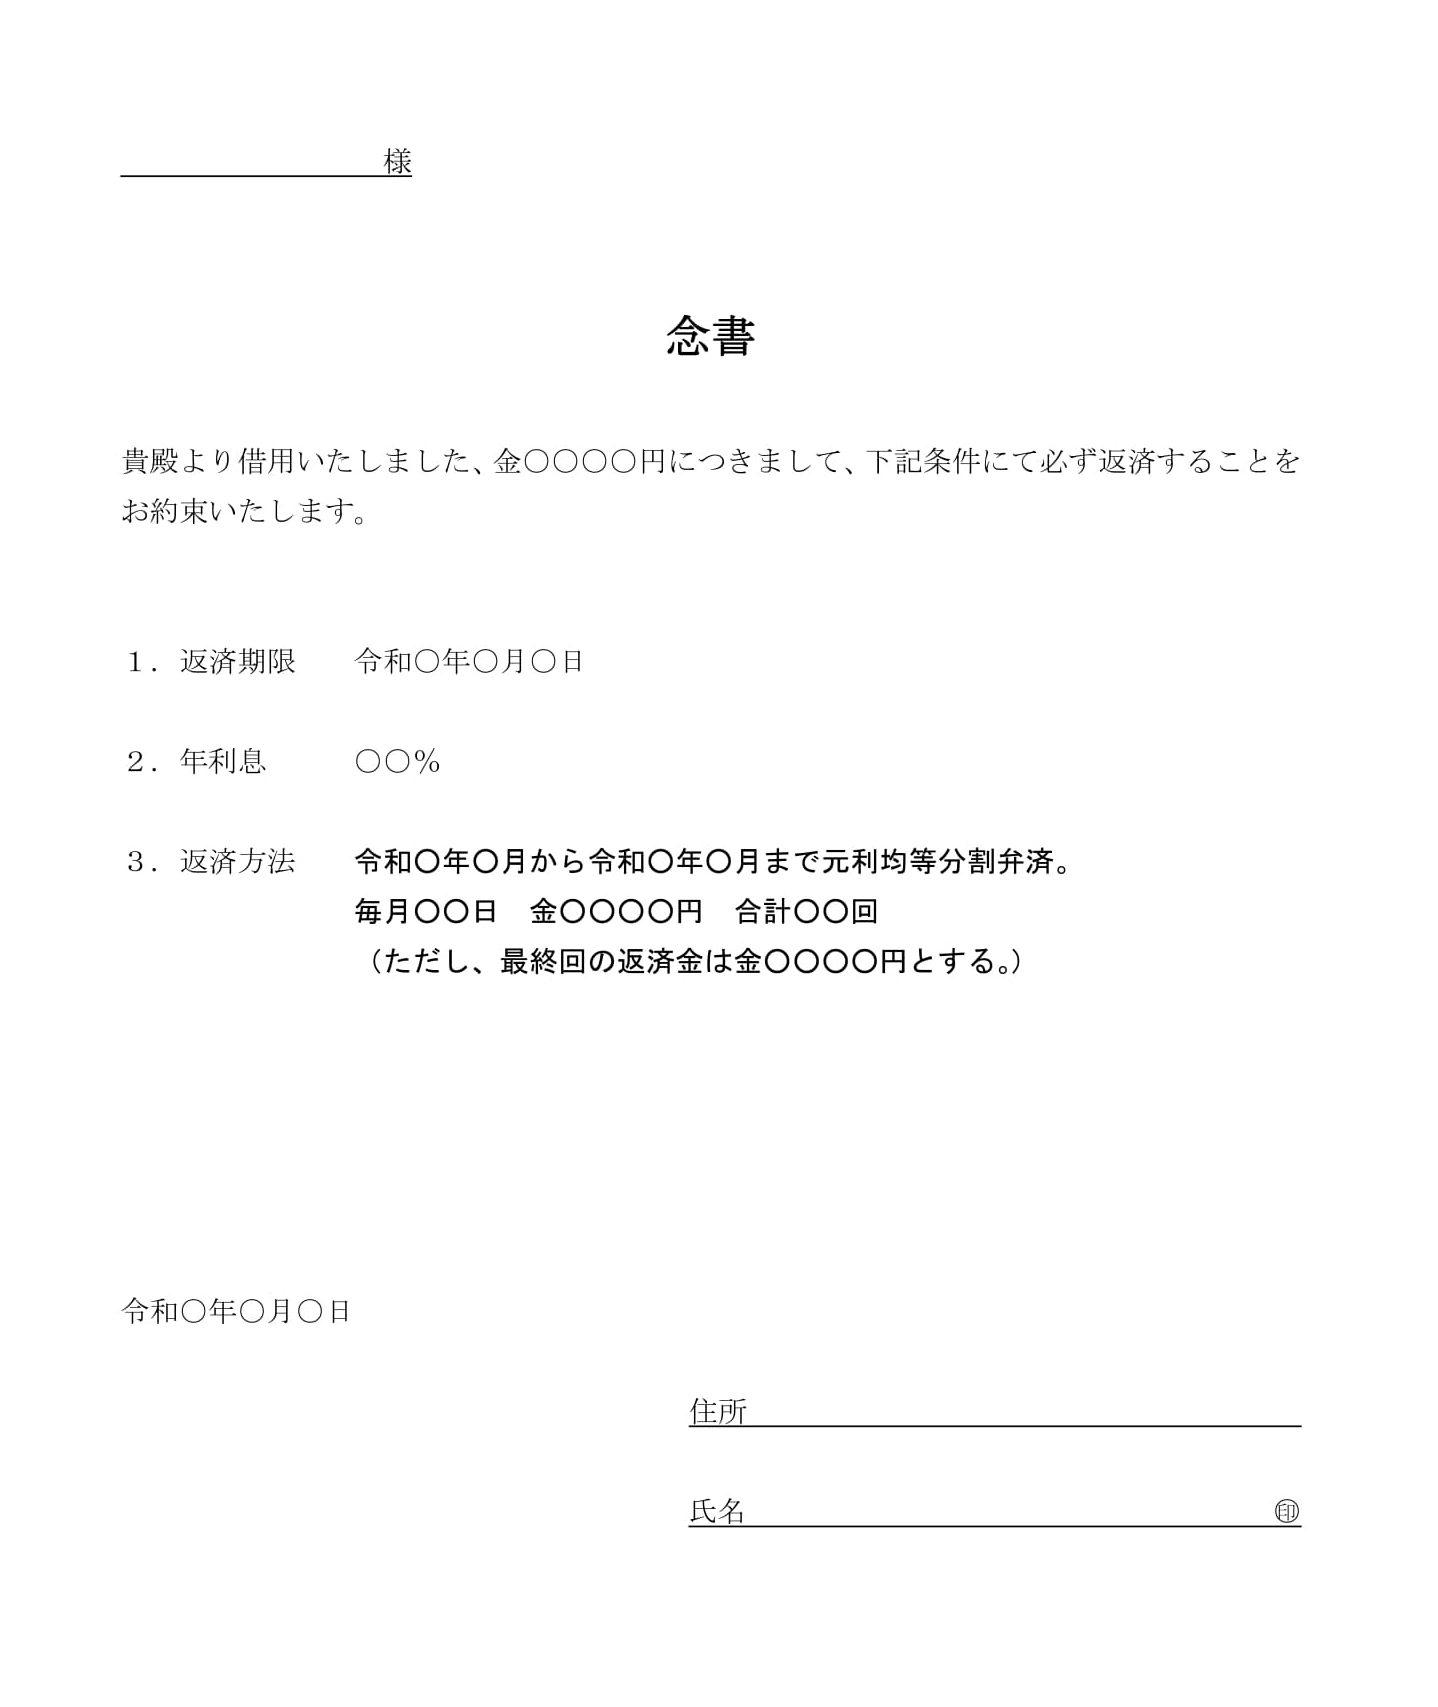 会員登録不要で無料でダウンロードできる念書(金銭の貸し借り)のテンプレート書式